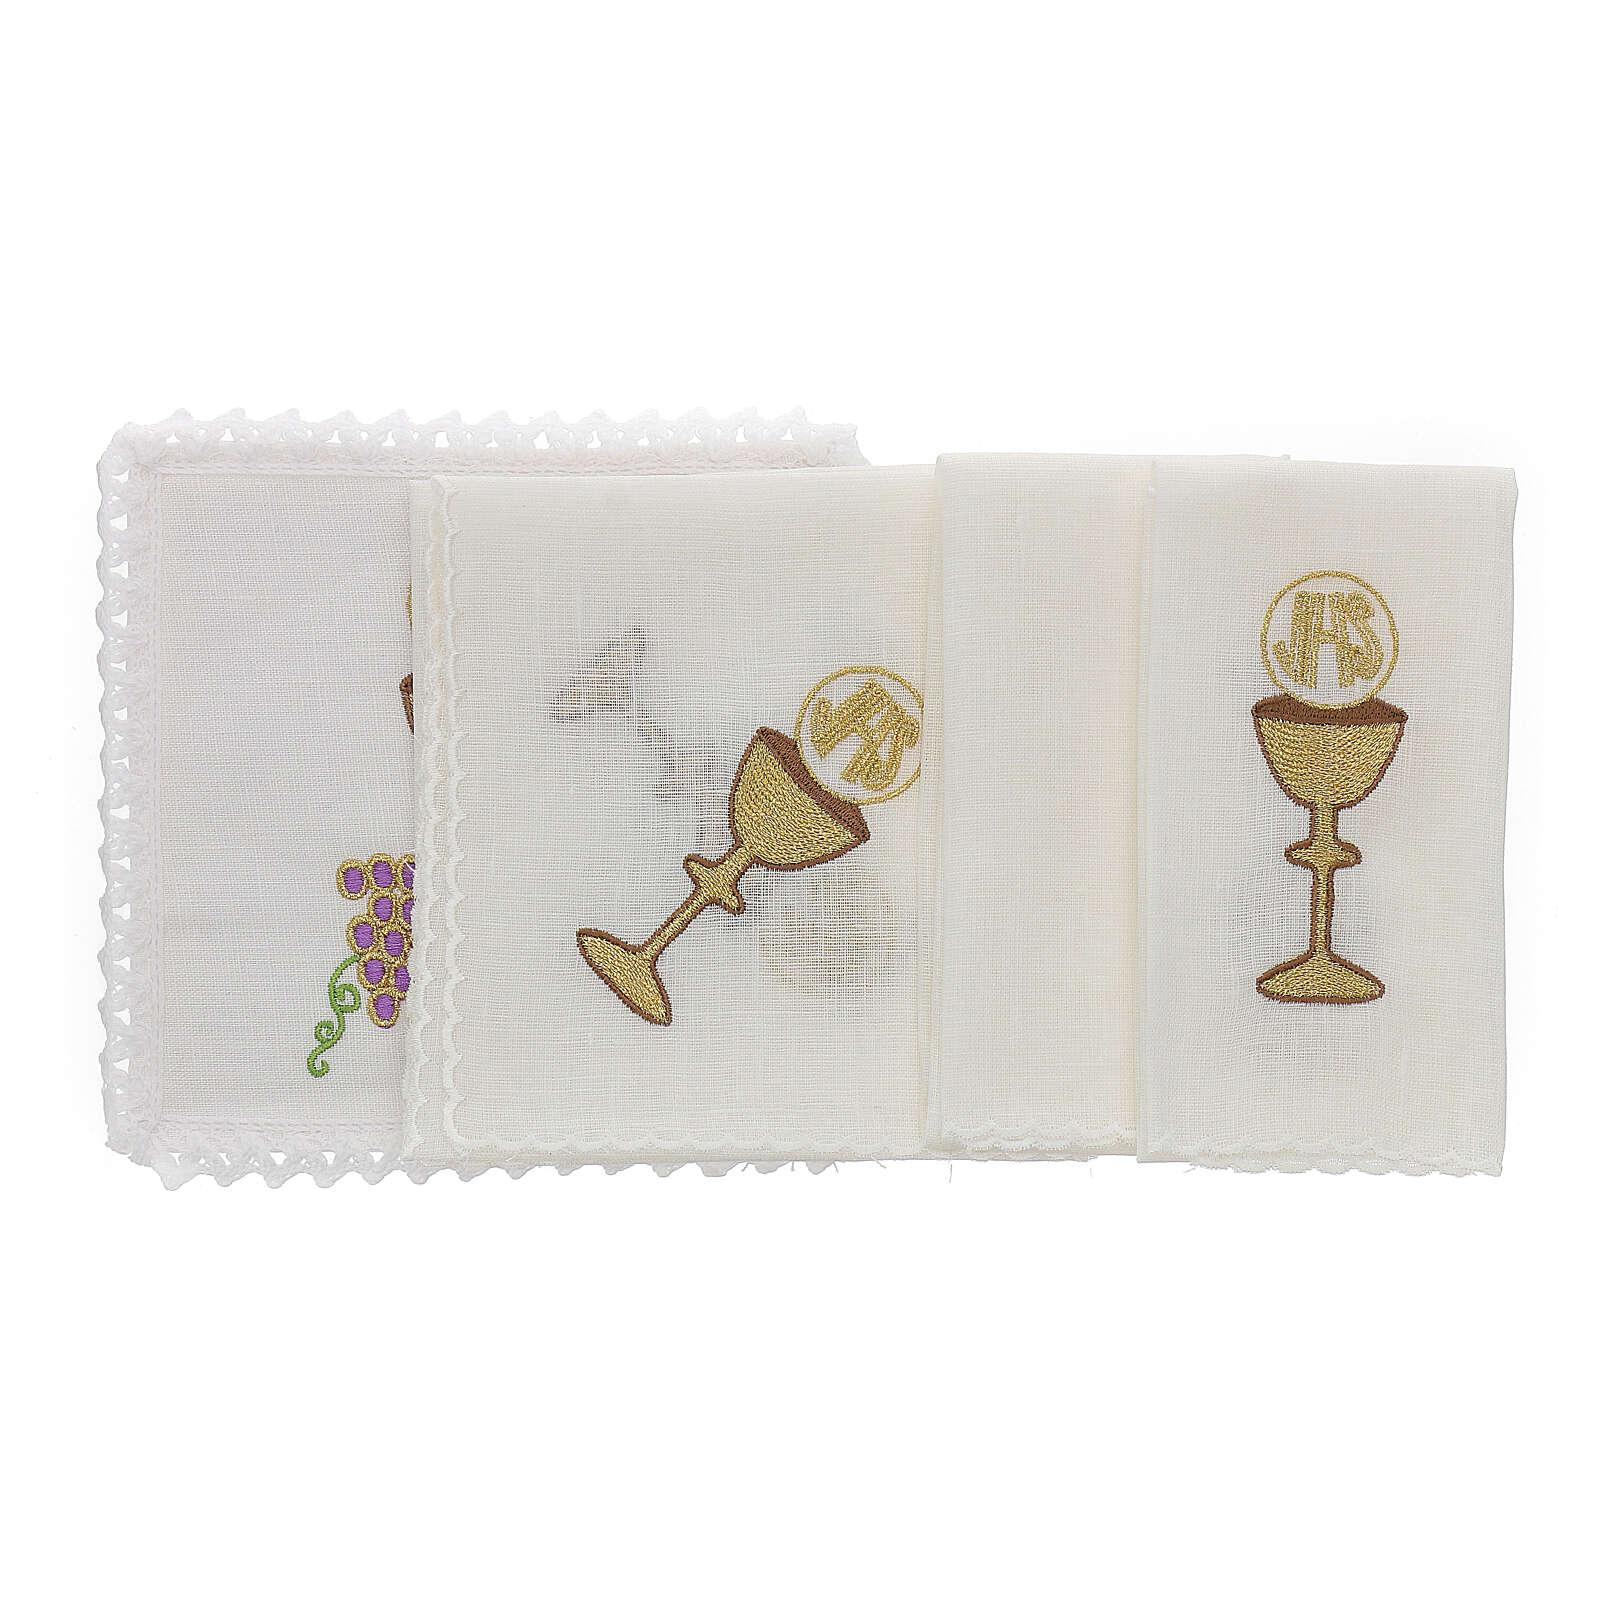 Linge autel lin raisin contours dorés calice hostie IHS 4